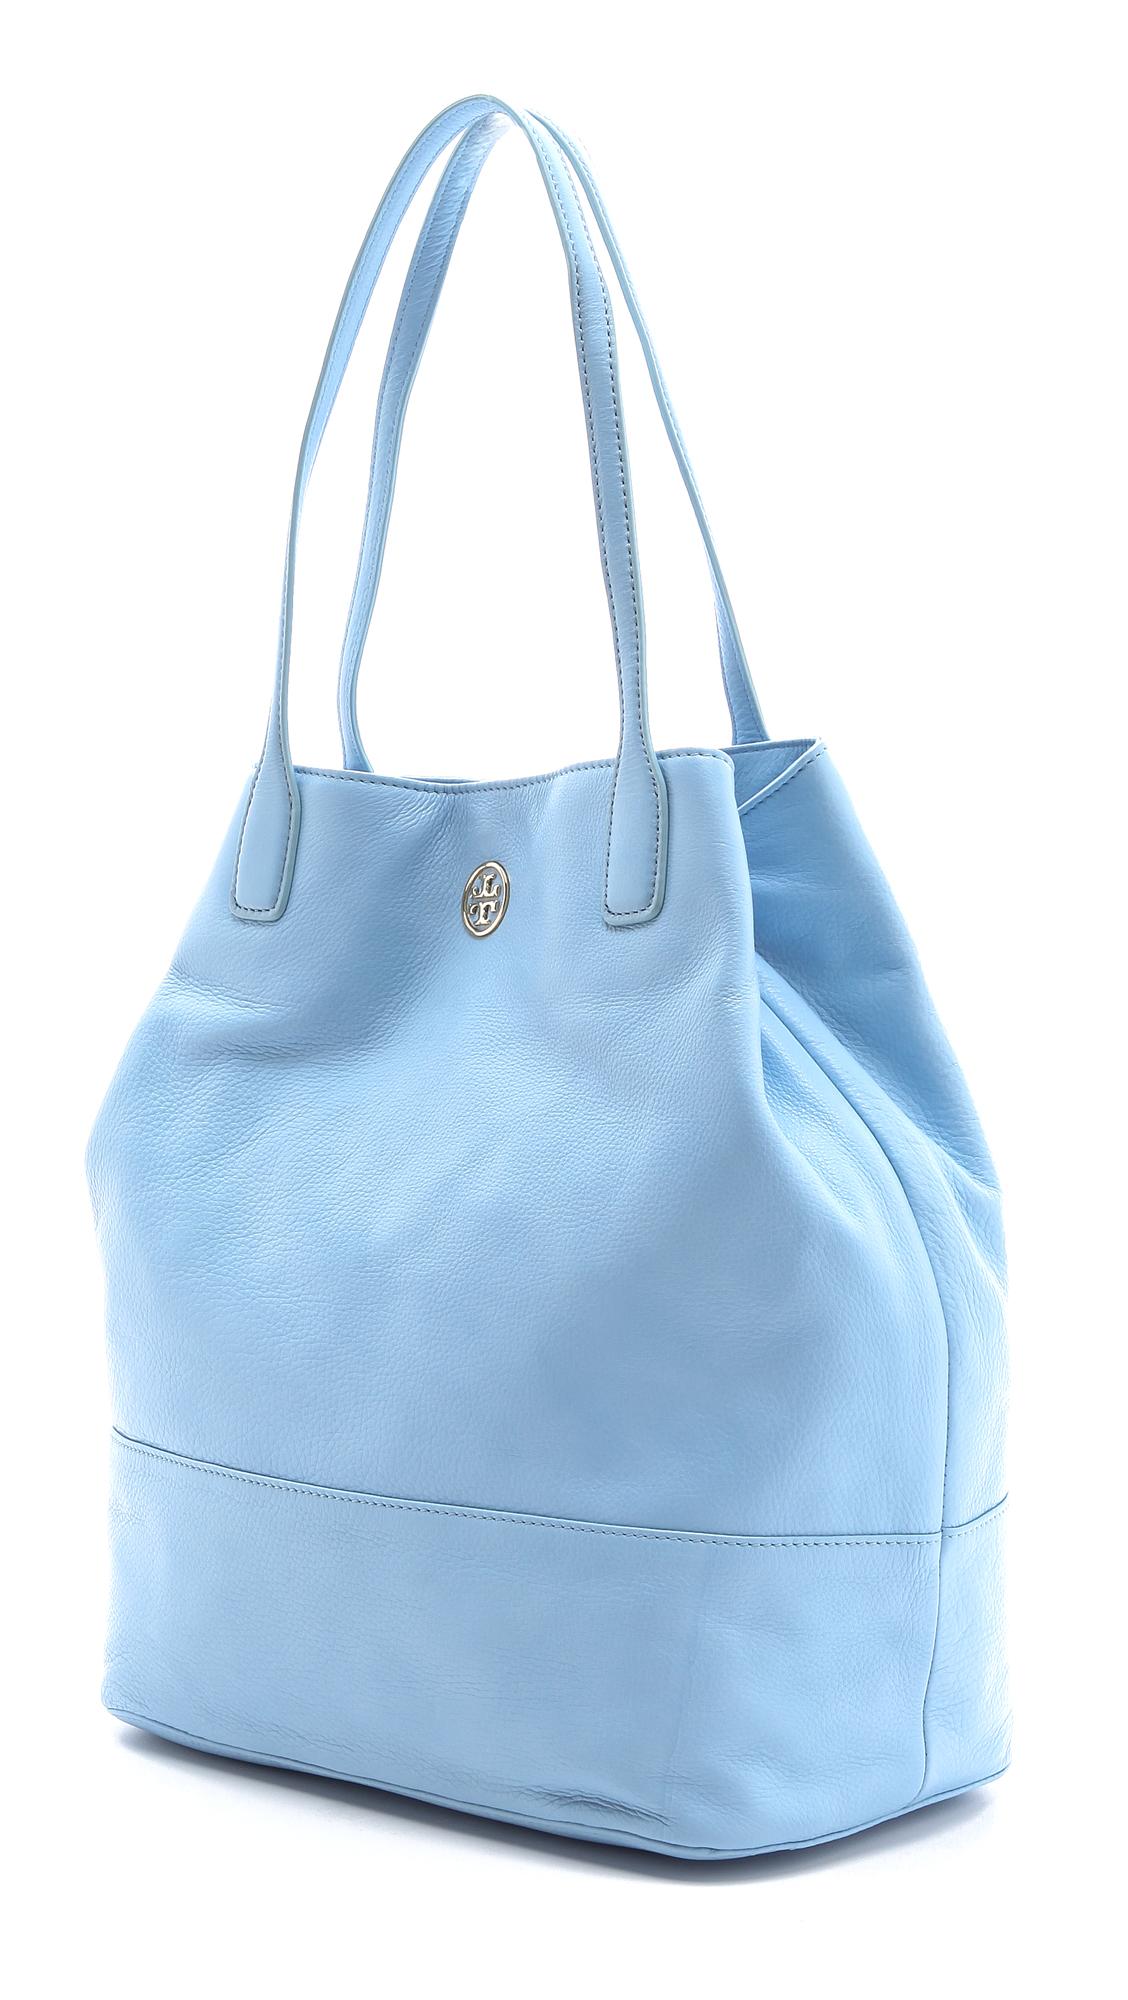 Lyst - Tory Burch Michelle Tote in Blue ba381942c5a7c